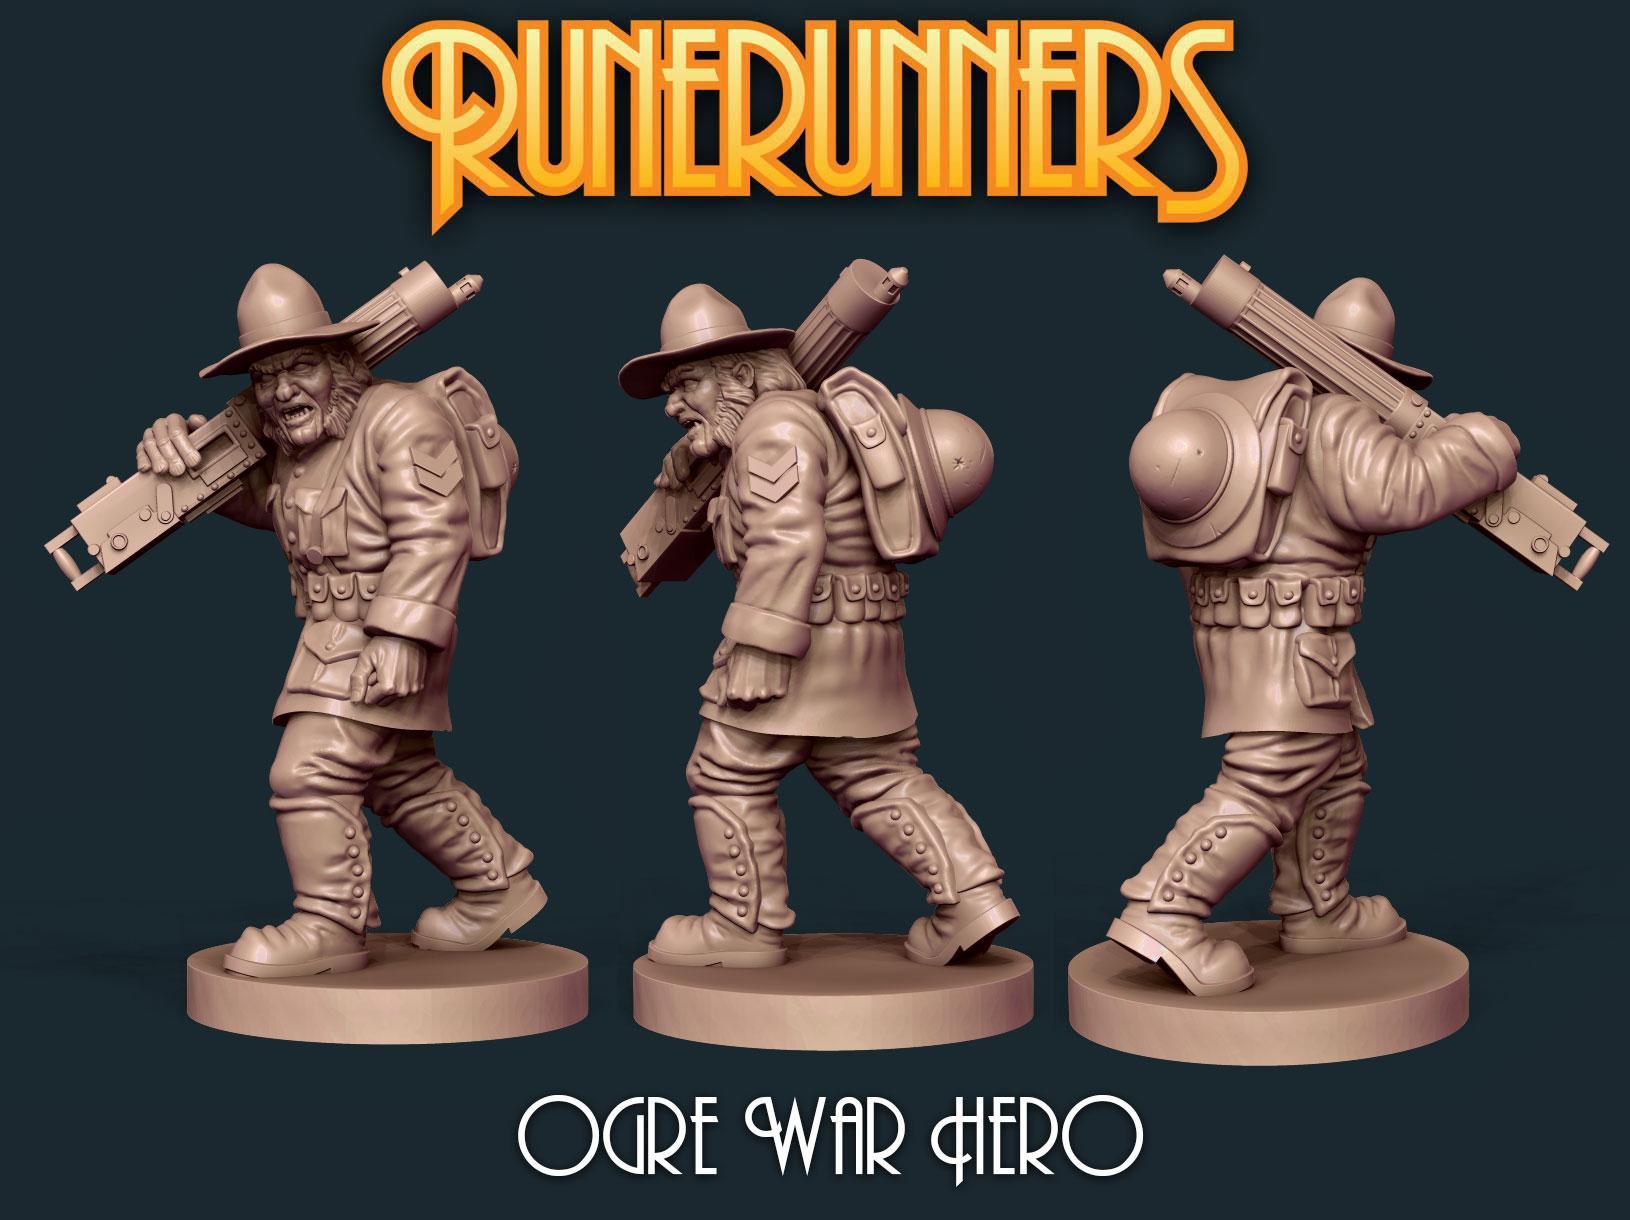 Runerunners Ogre War Hero